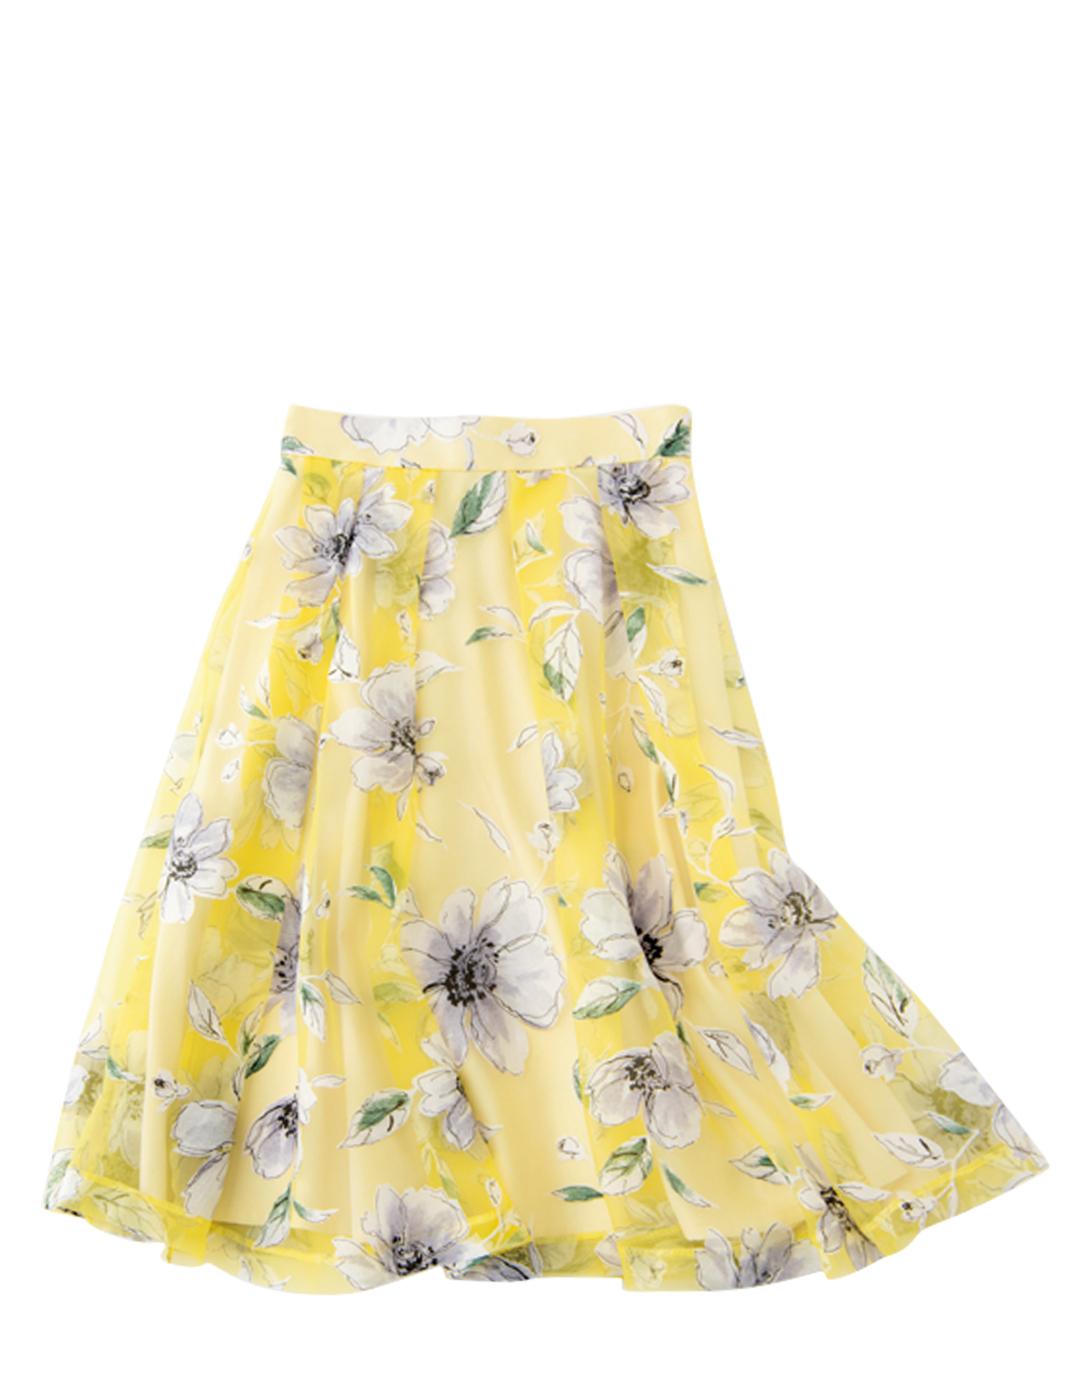 マーキュリーデュオの花柄切り替えスカートが可愛い!_1_4-2